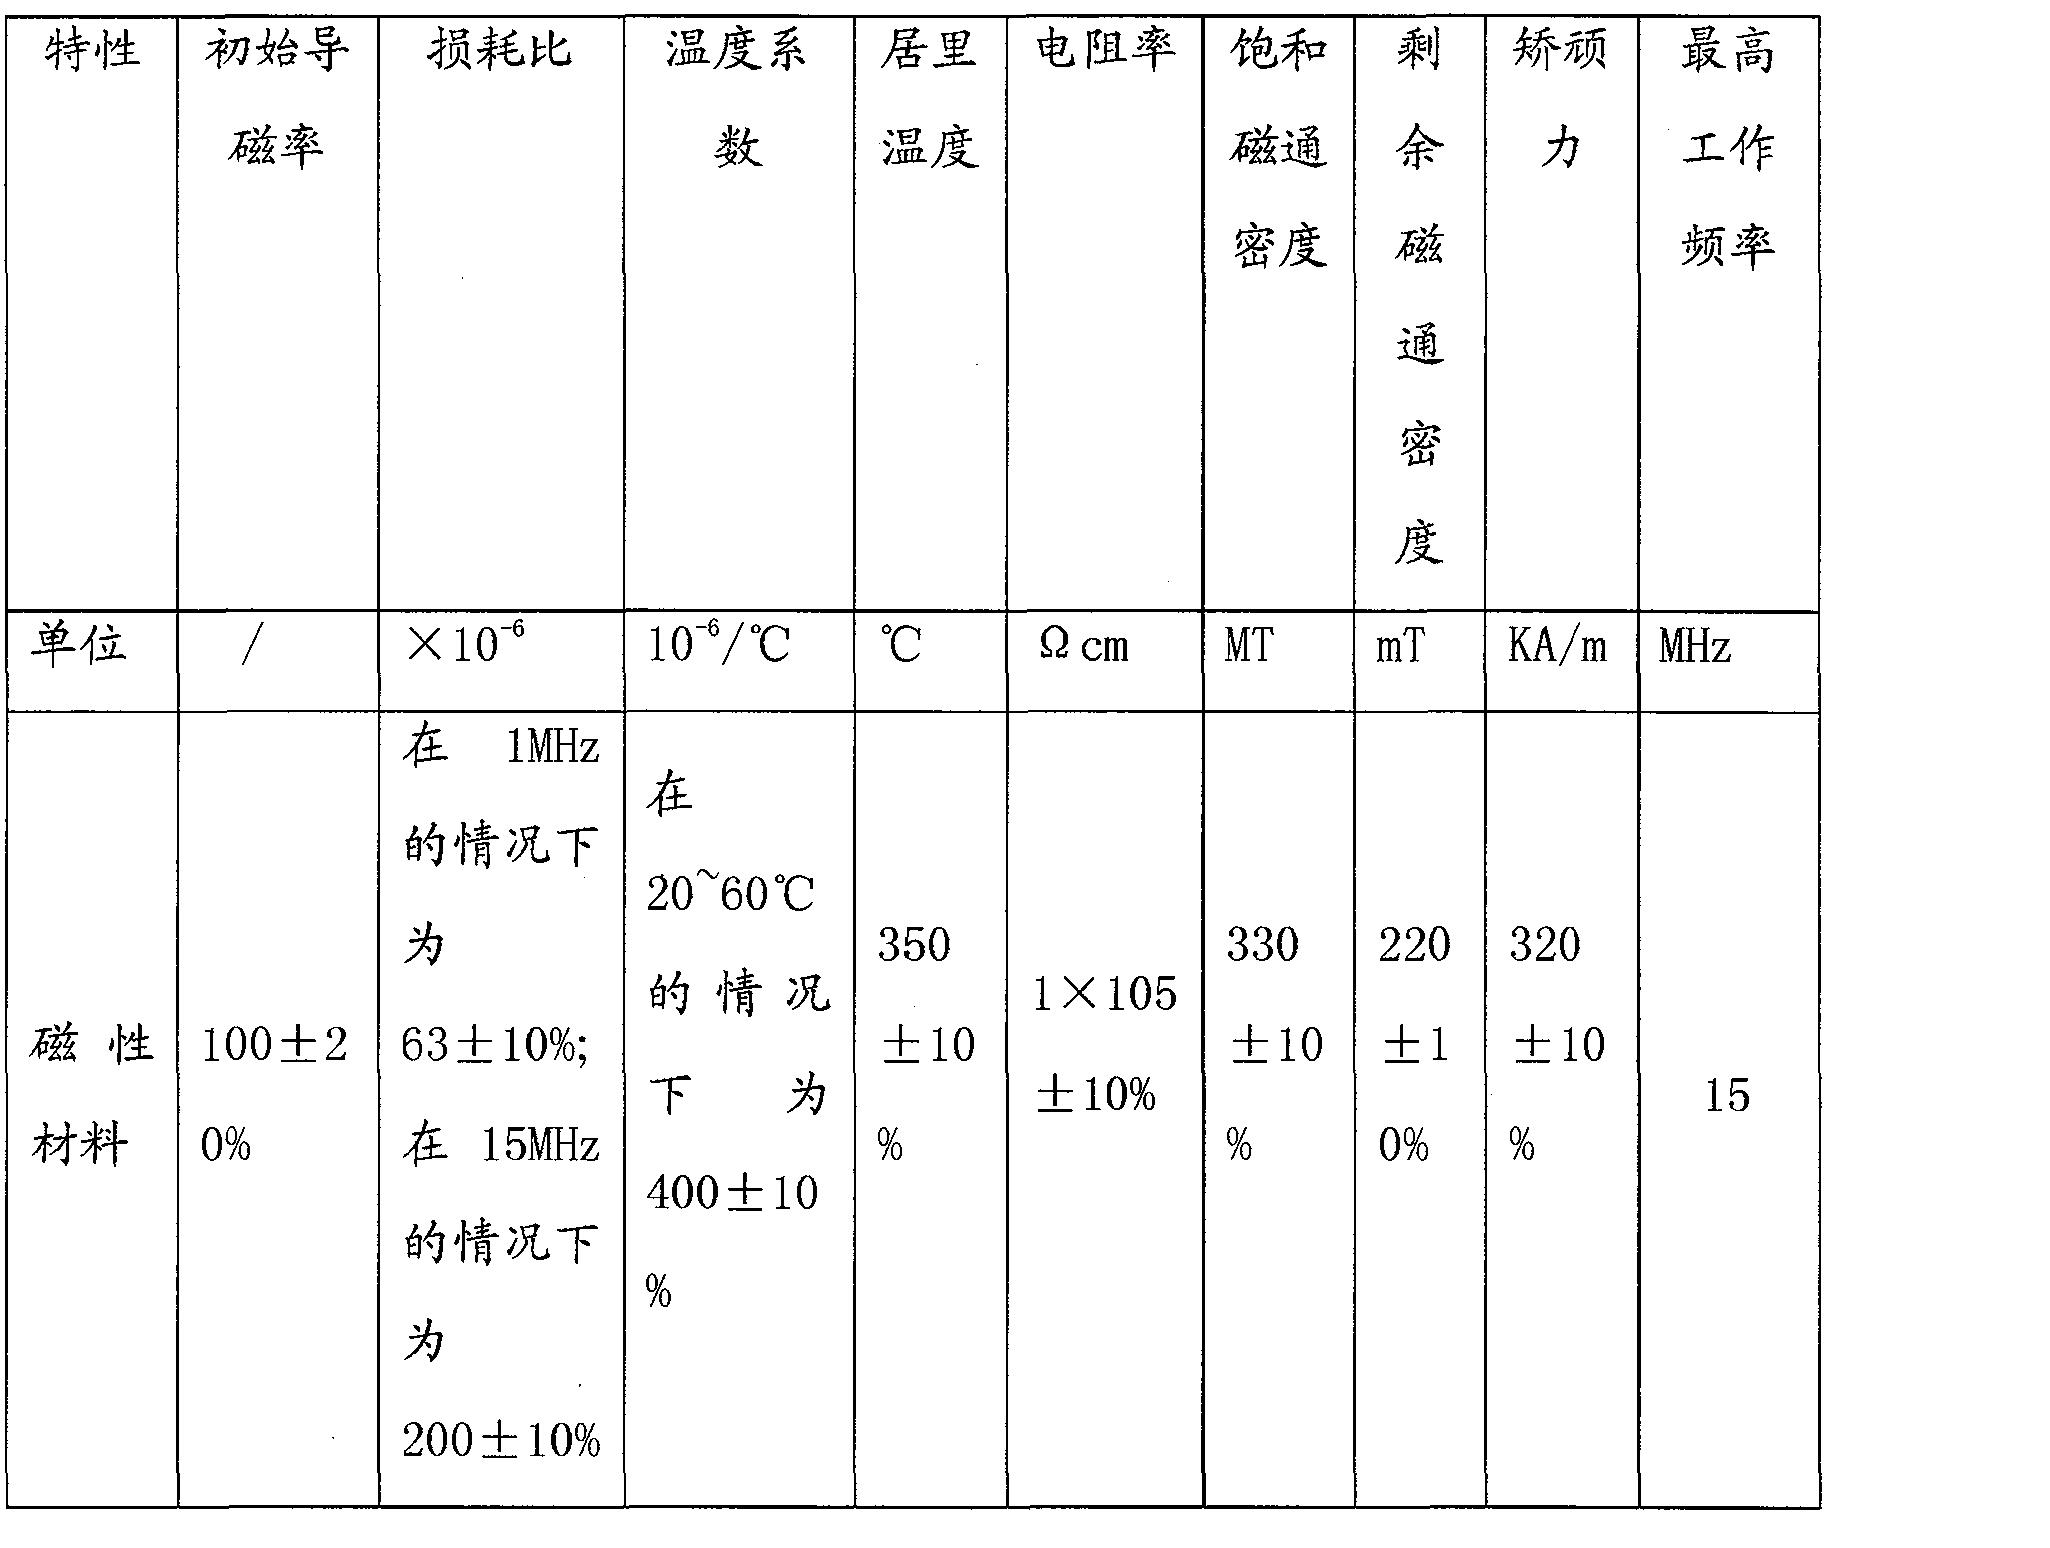 所述滤波器是7阶椭圆低通滤波器